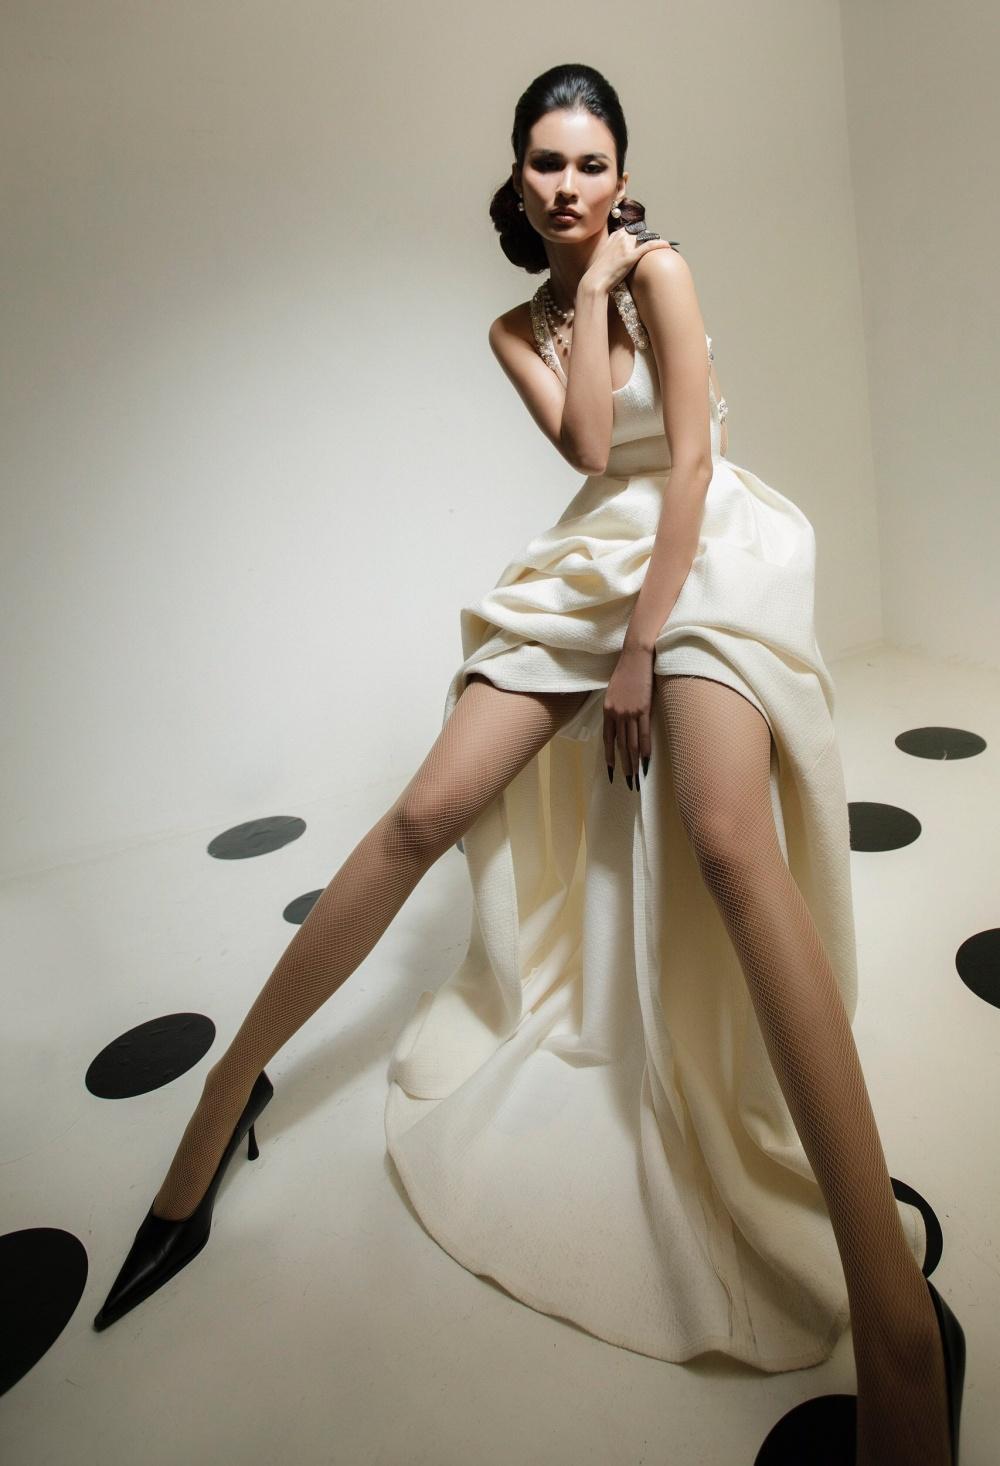 Cao Thiên Trang hóa quý cô Pháp thanh lịch cùng cặp màu đen, trắng kinh điển Ảnh 11